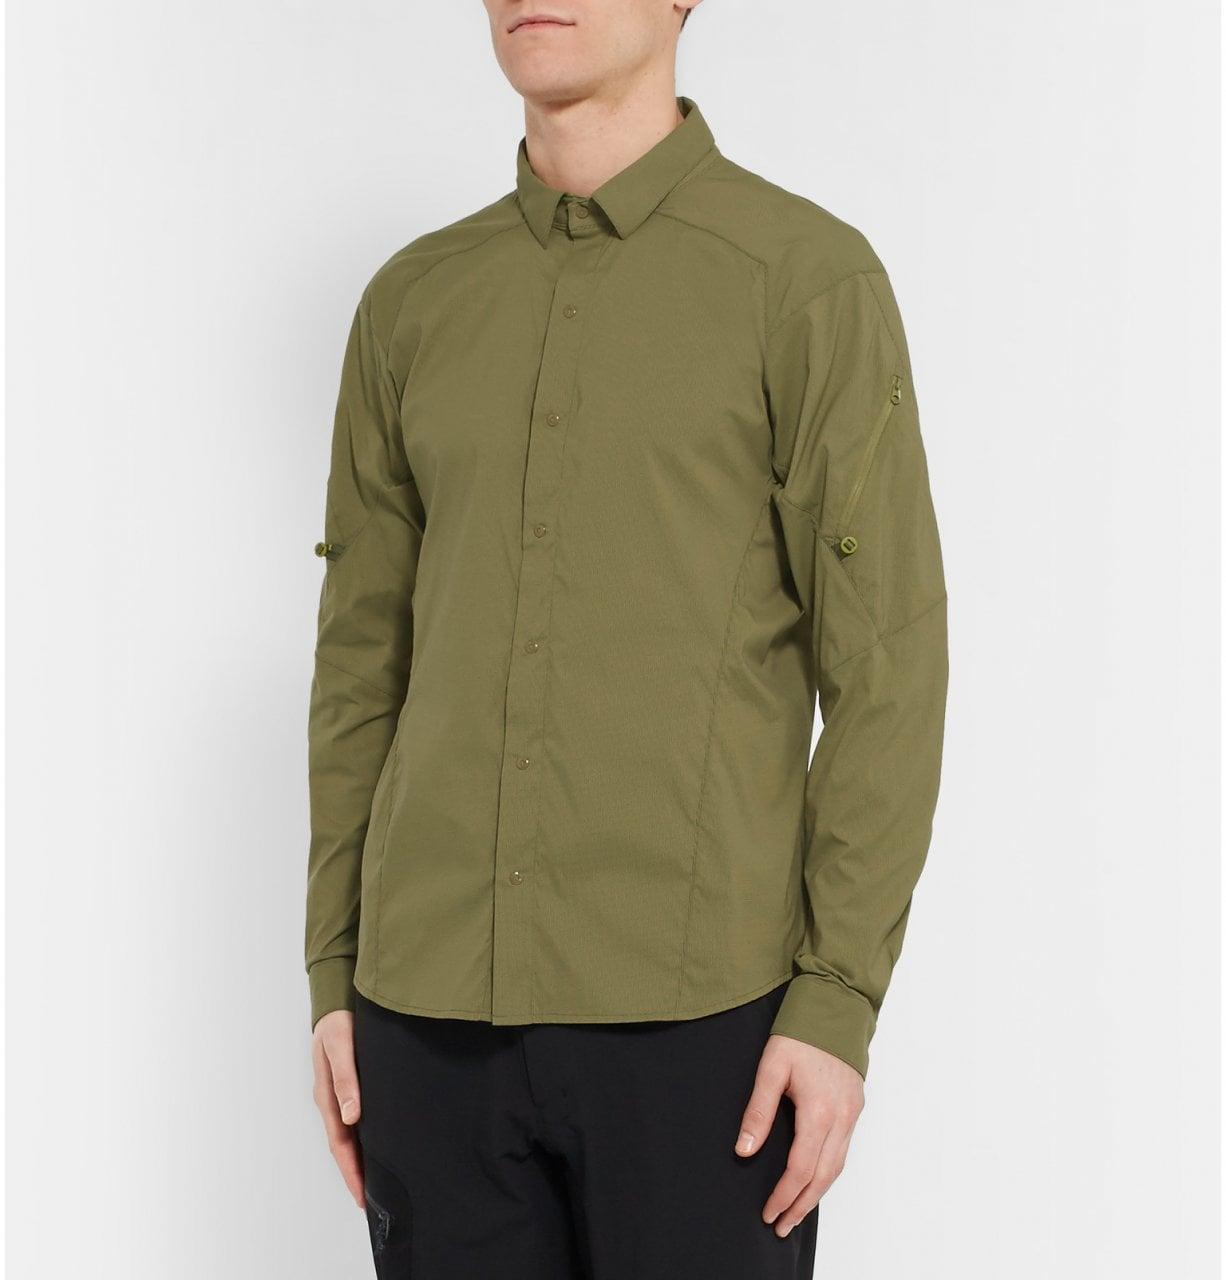 # 輕薄耐磨: ARC'TERYX 推出的戶外專用Elaho襯衫 1